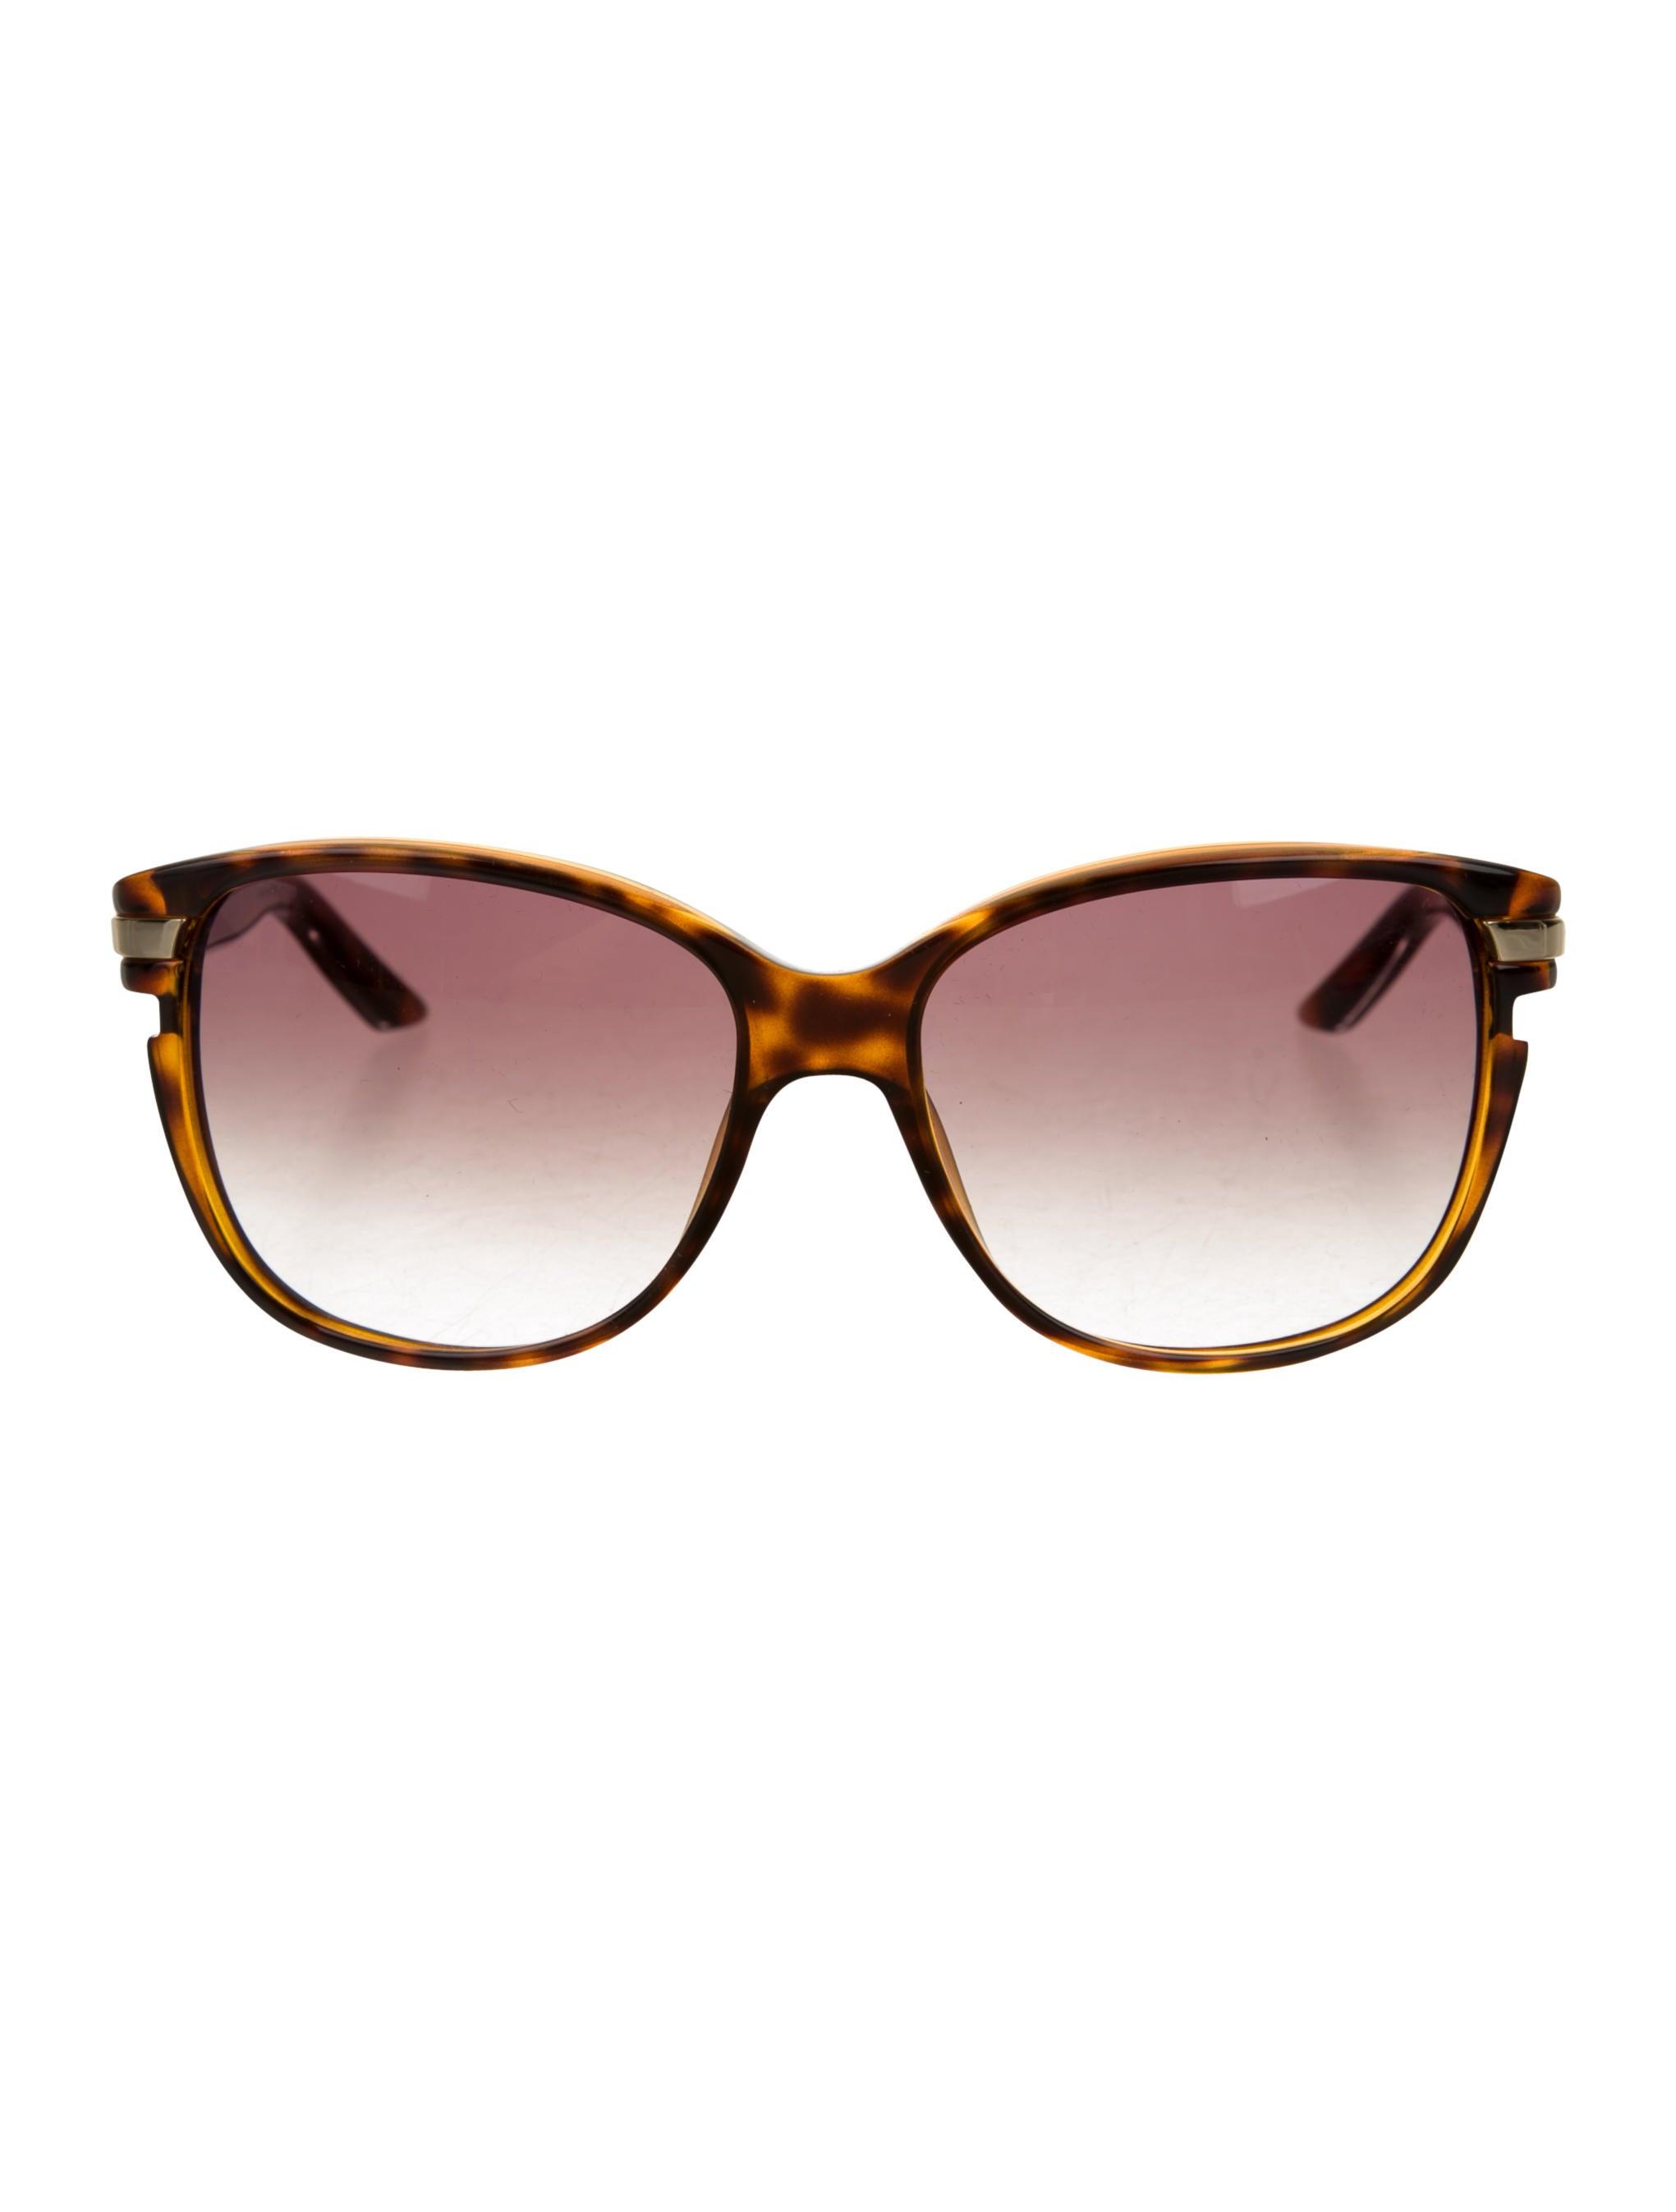 e22a1279e79 Christian Dior Sunglasses 0049 s Ebay